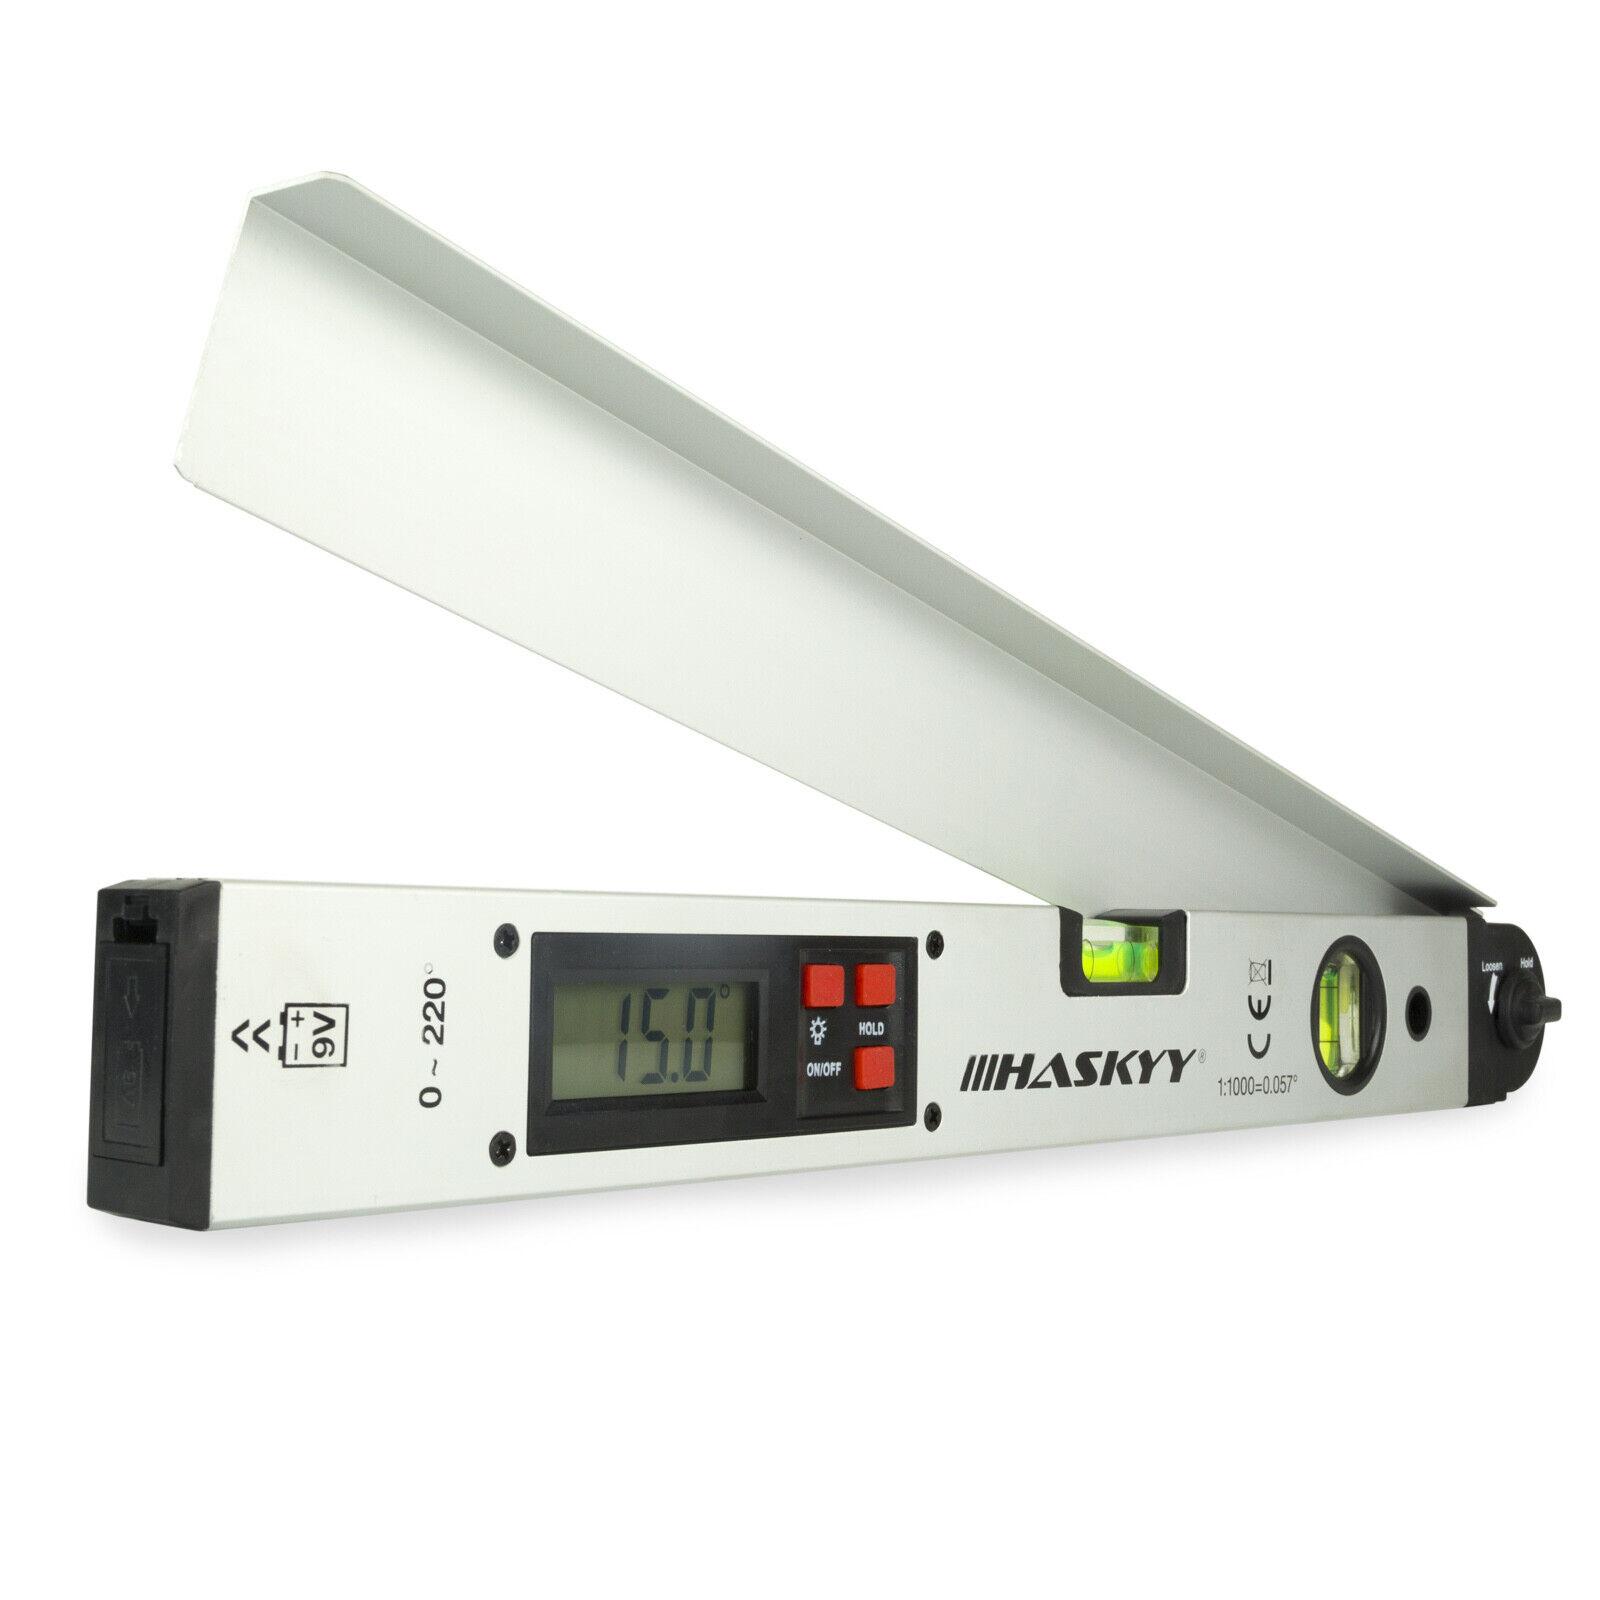 Digitaler LCD Winkelmesser mit Wasserwaage LCD-Display 450 mm Gradmesser messen